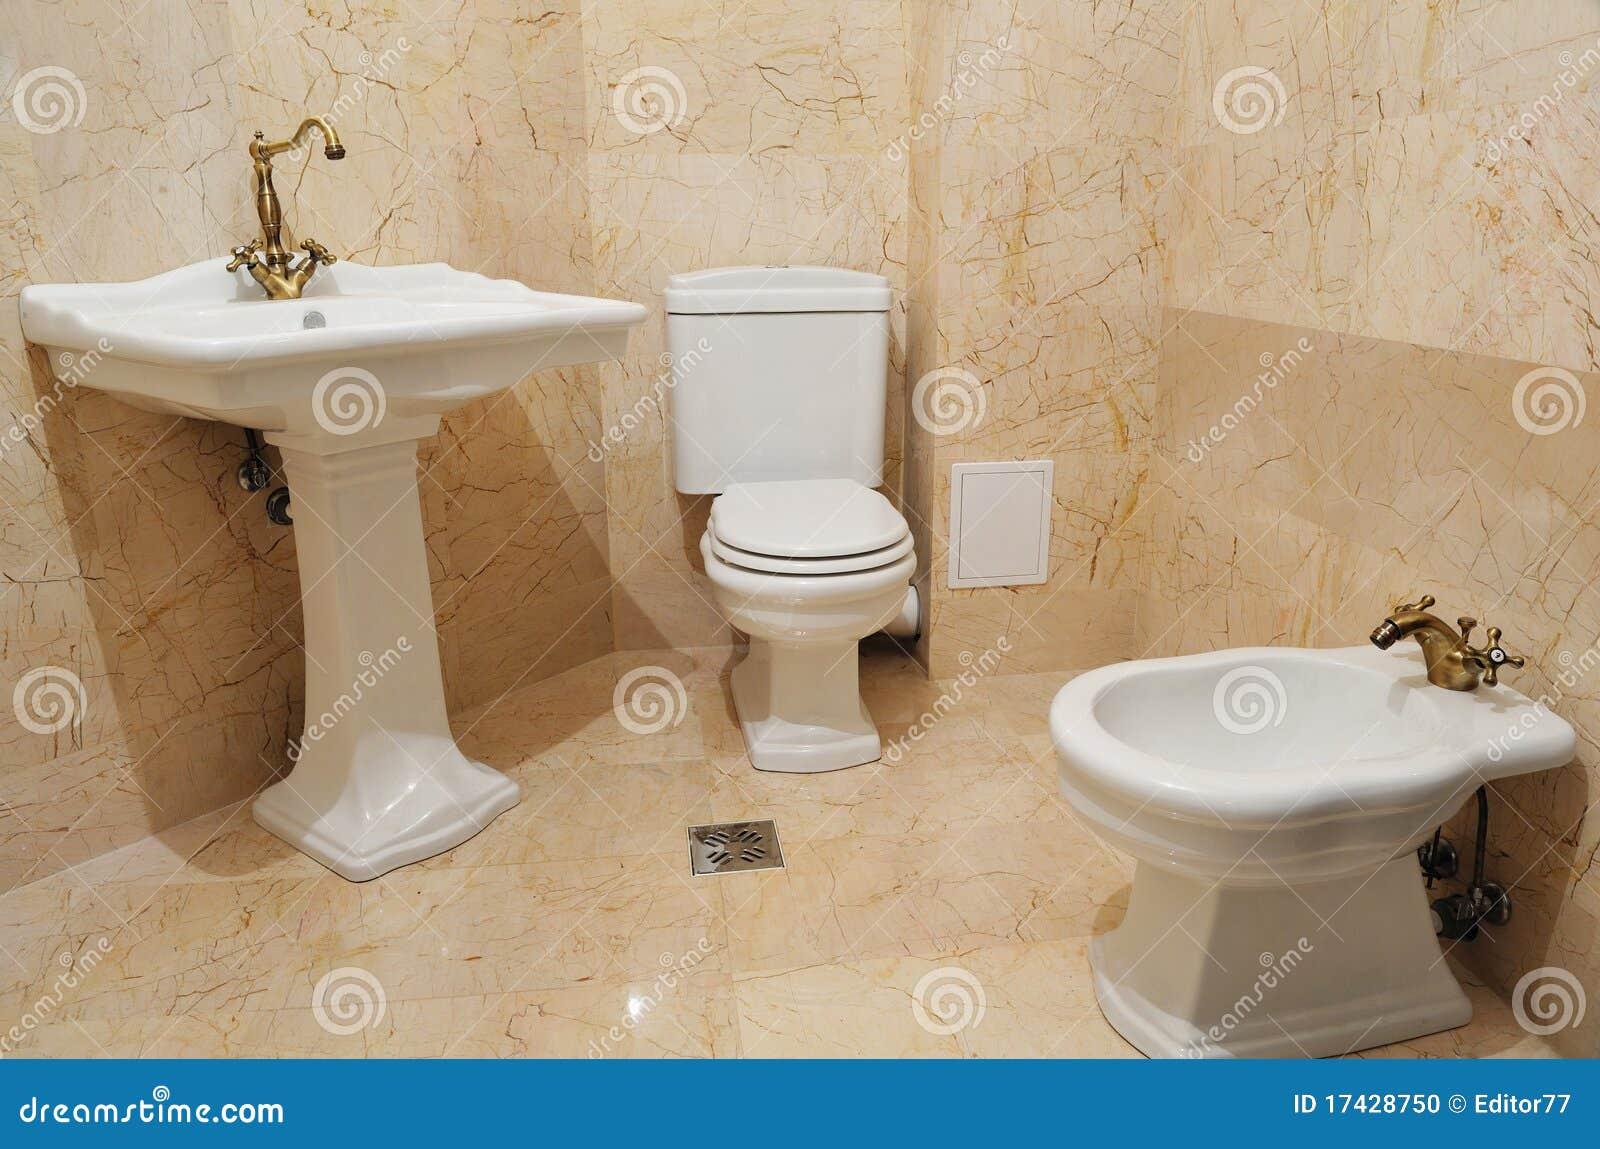 Cuba E Dissipador Internos Do Banheiro Foto de Stock  Imagem 17428750 -> Cuba Banheiro Marrom